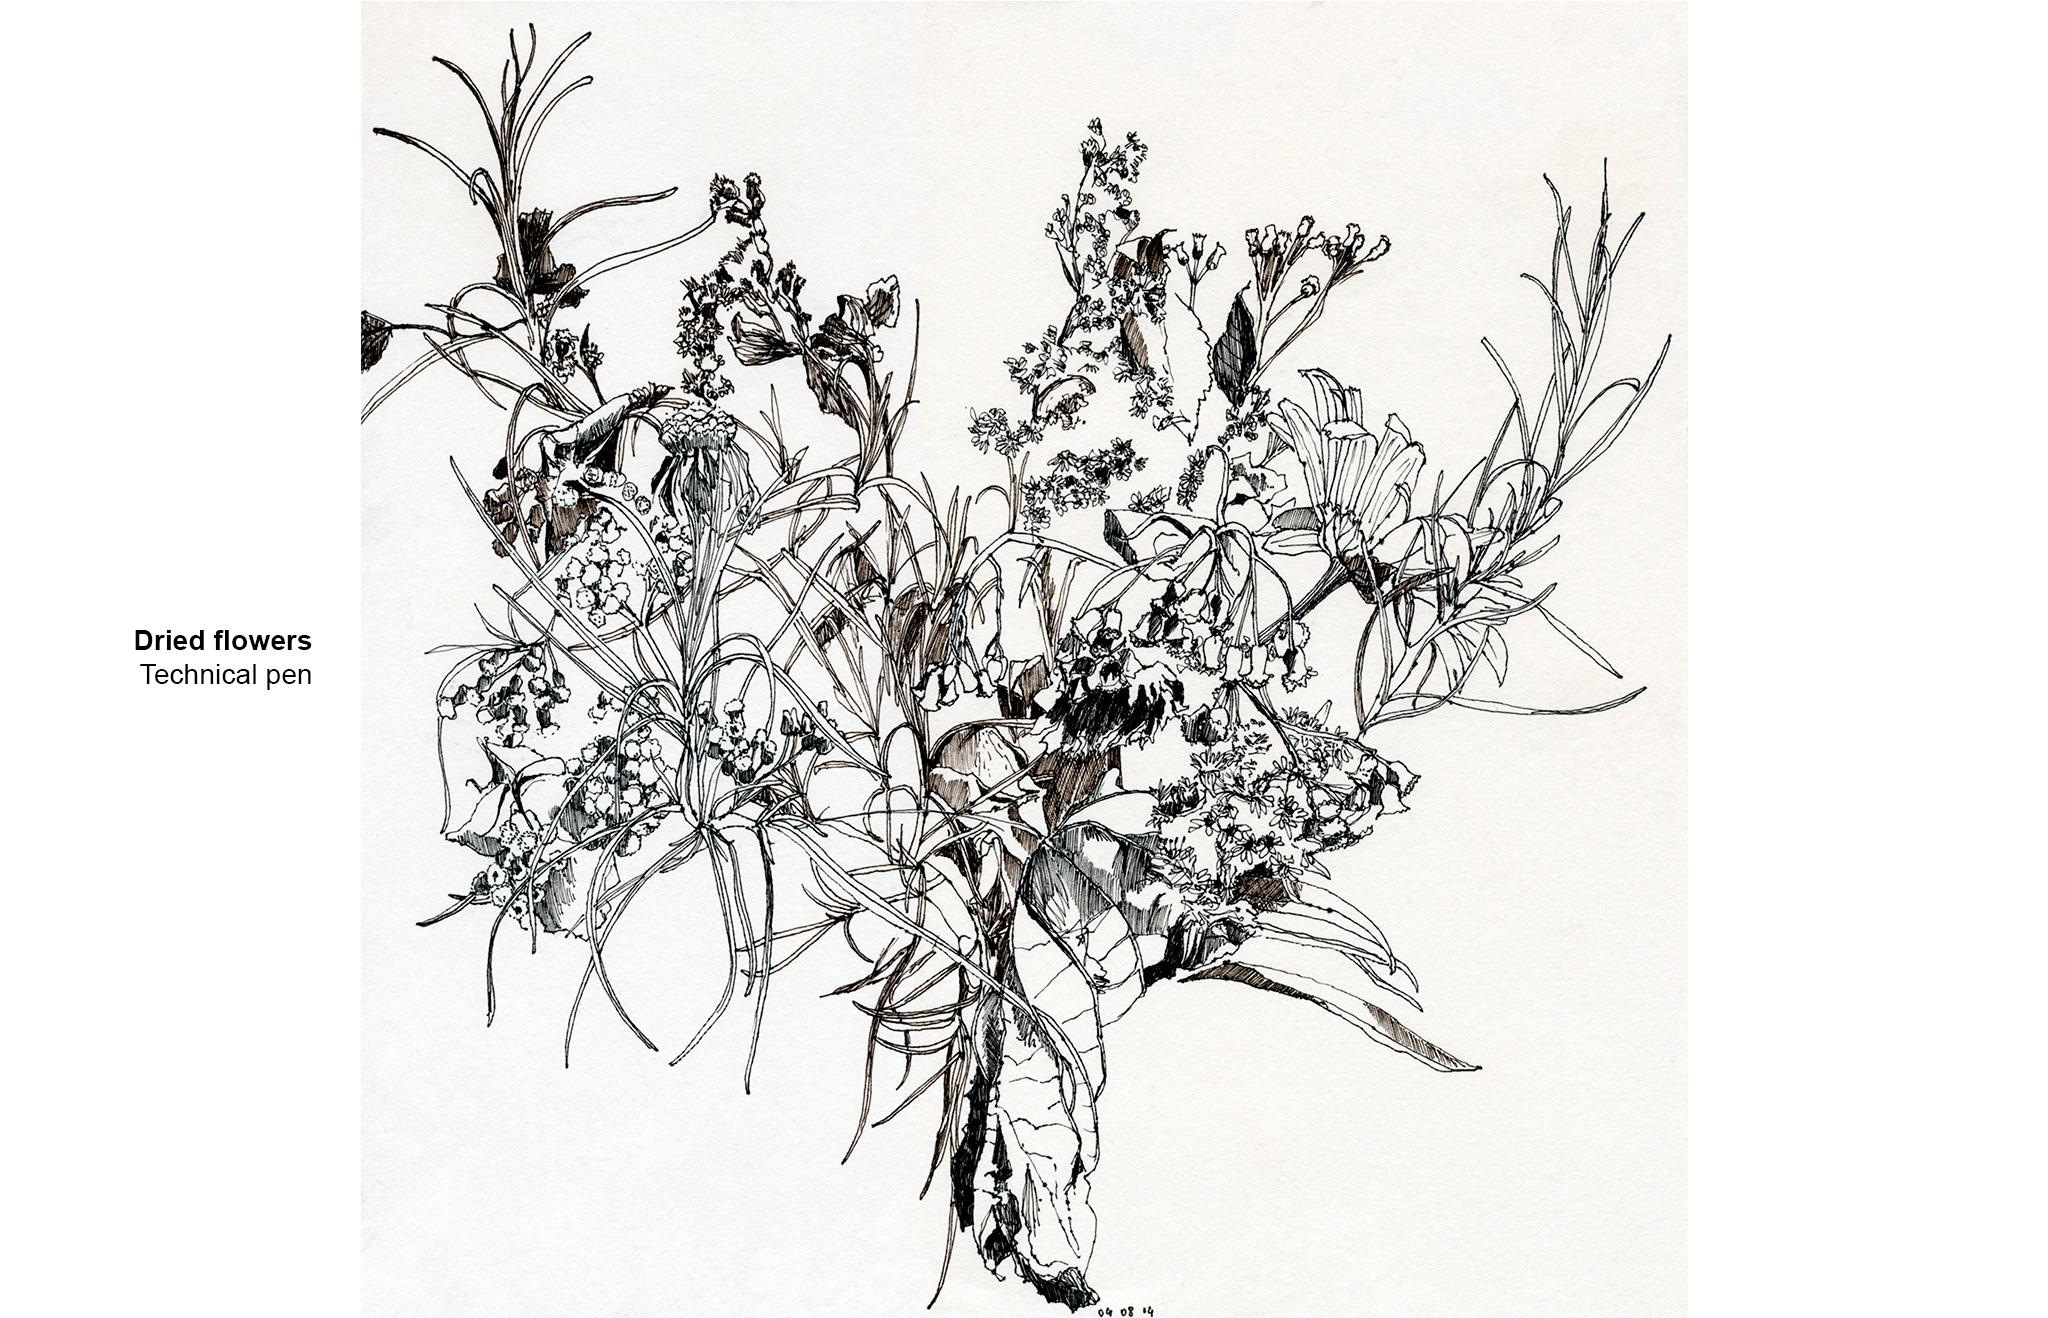 08-dried-flowersjpg